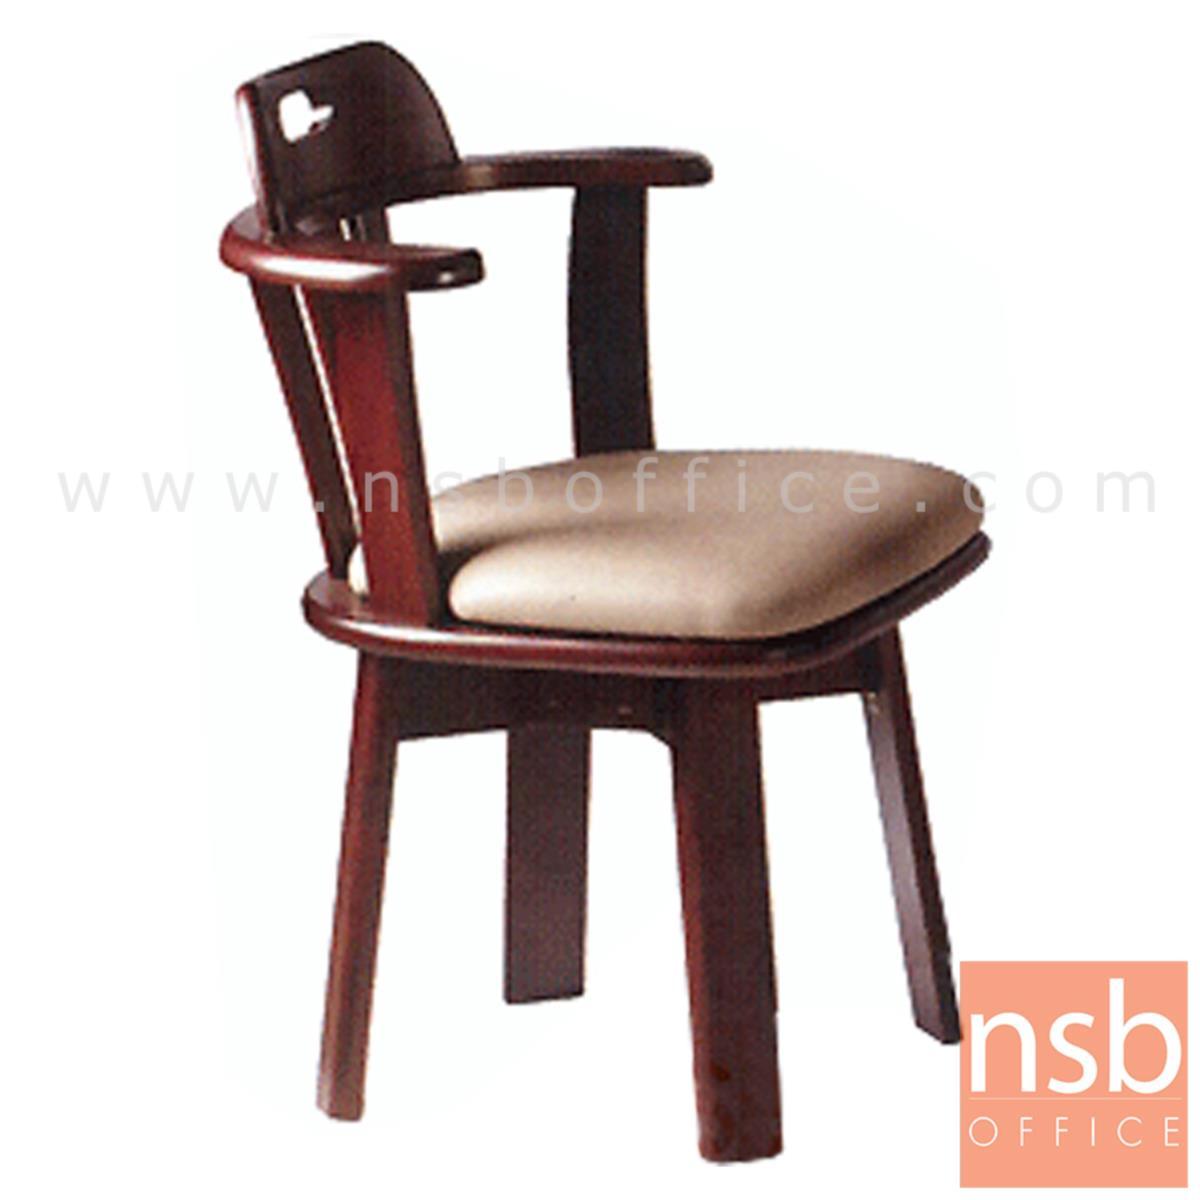 G14A051:เก้าอี้ไม้ยางพาราที่นั่งหุ้มหนังเทียม รุ่น Cyril (ไซริล)  ขาไม้ (เบาะหมุน)